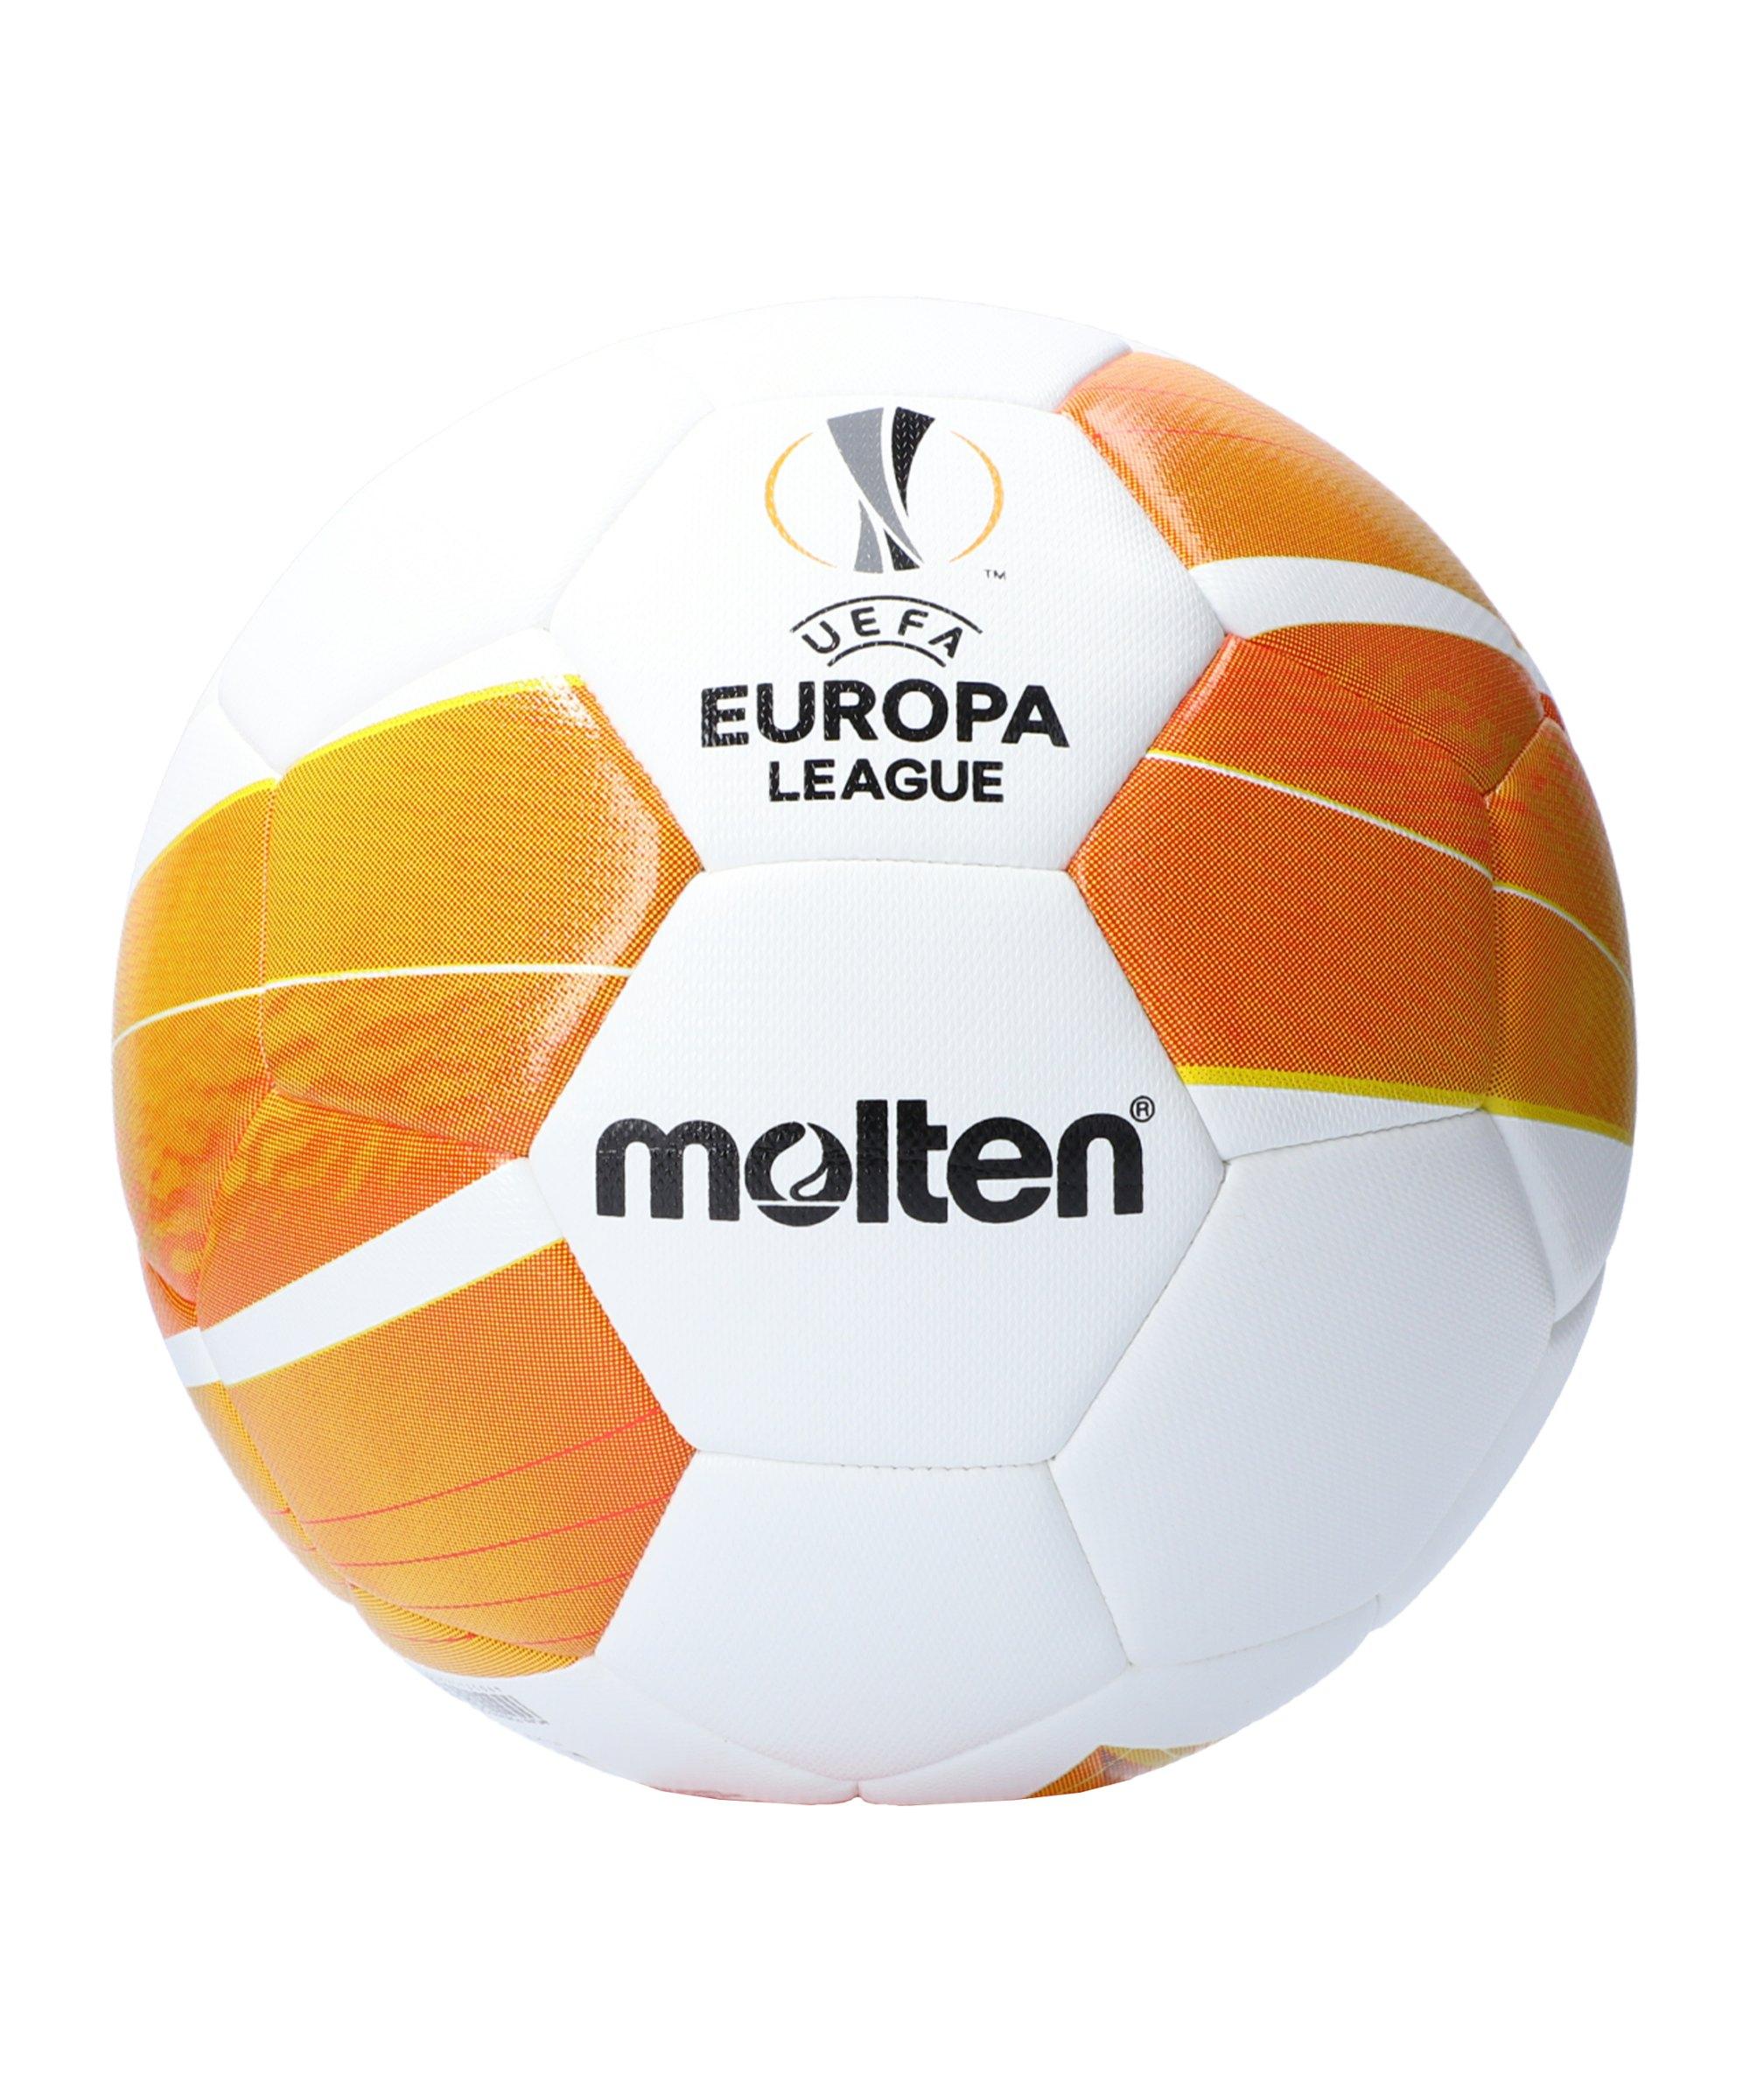 Molten Europa League 20/21 Replica Ball Weiss - weiss